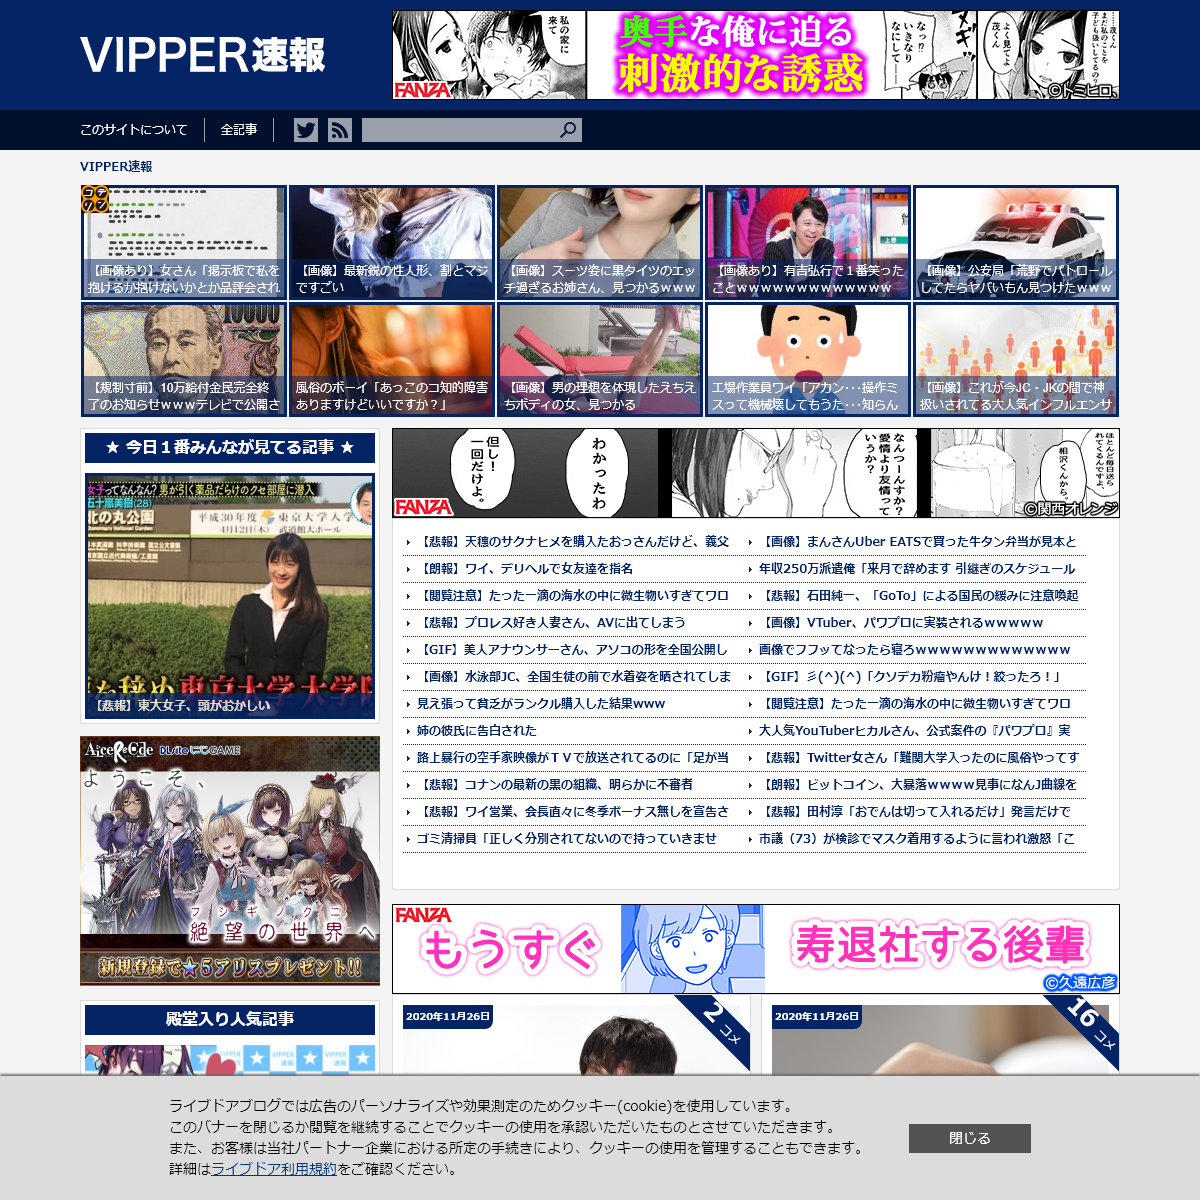 VIPPER速報|2ちゃんねるまとめブログ